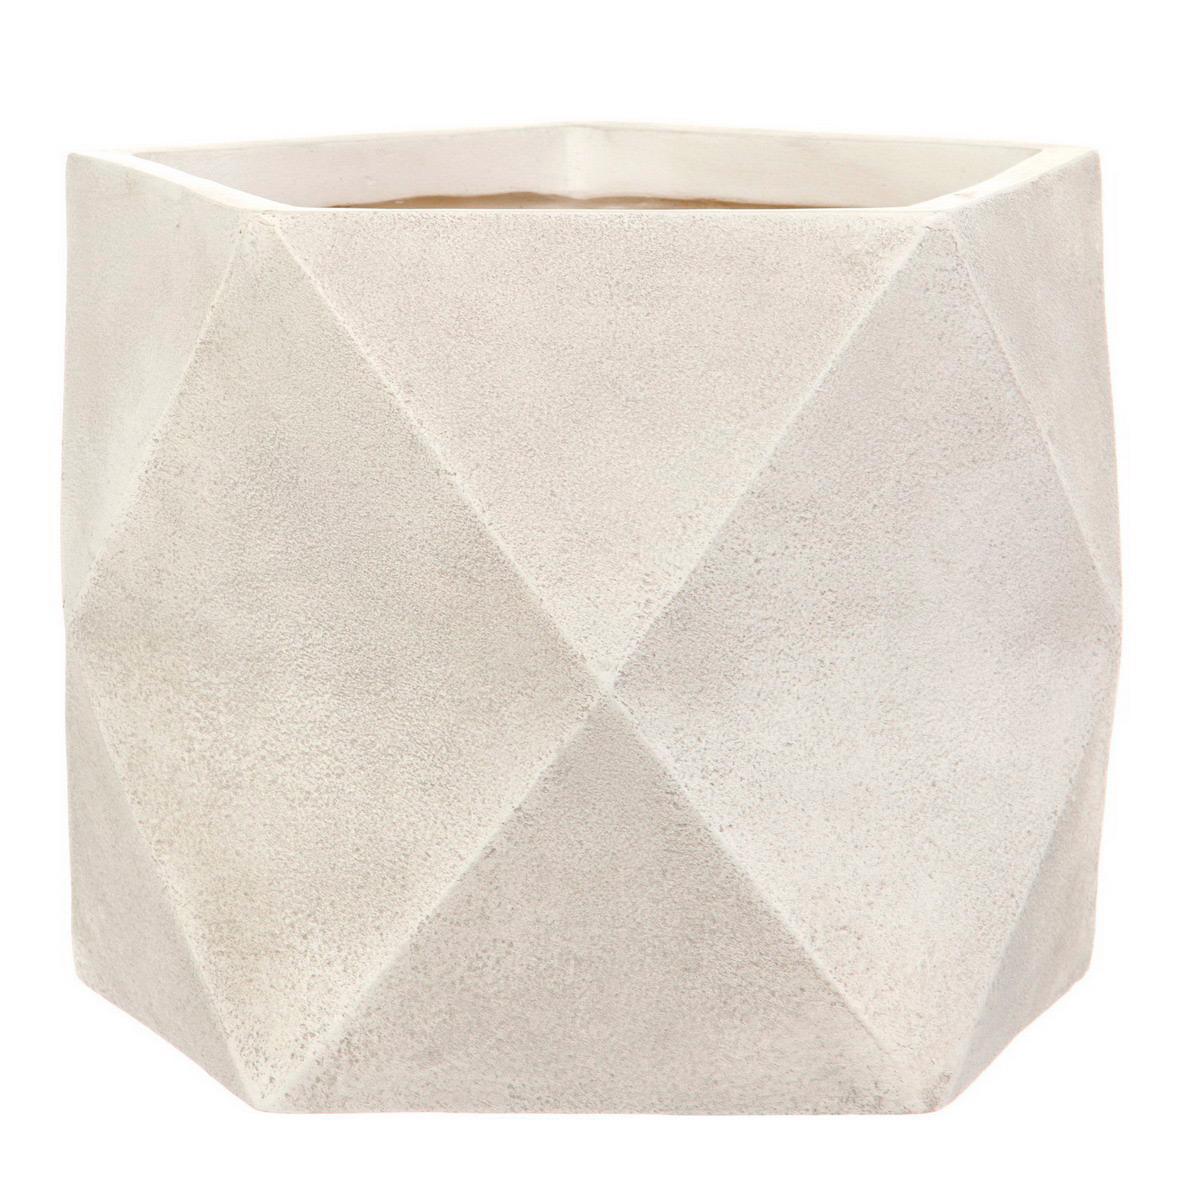 Настольный горшок для цветов Idealist Lite Геометри, слоновая кость, Ш38 Д38 В30 см, 43 л